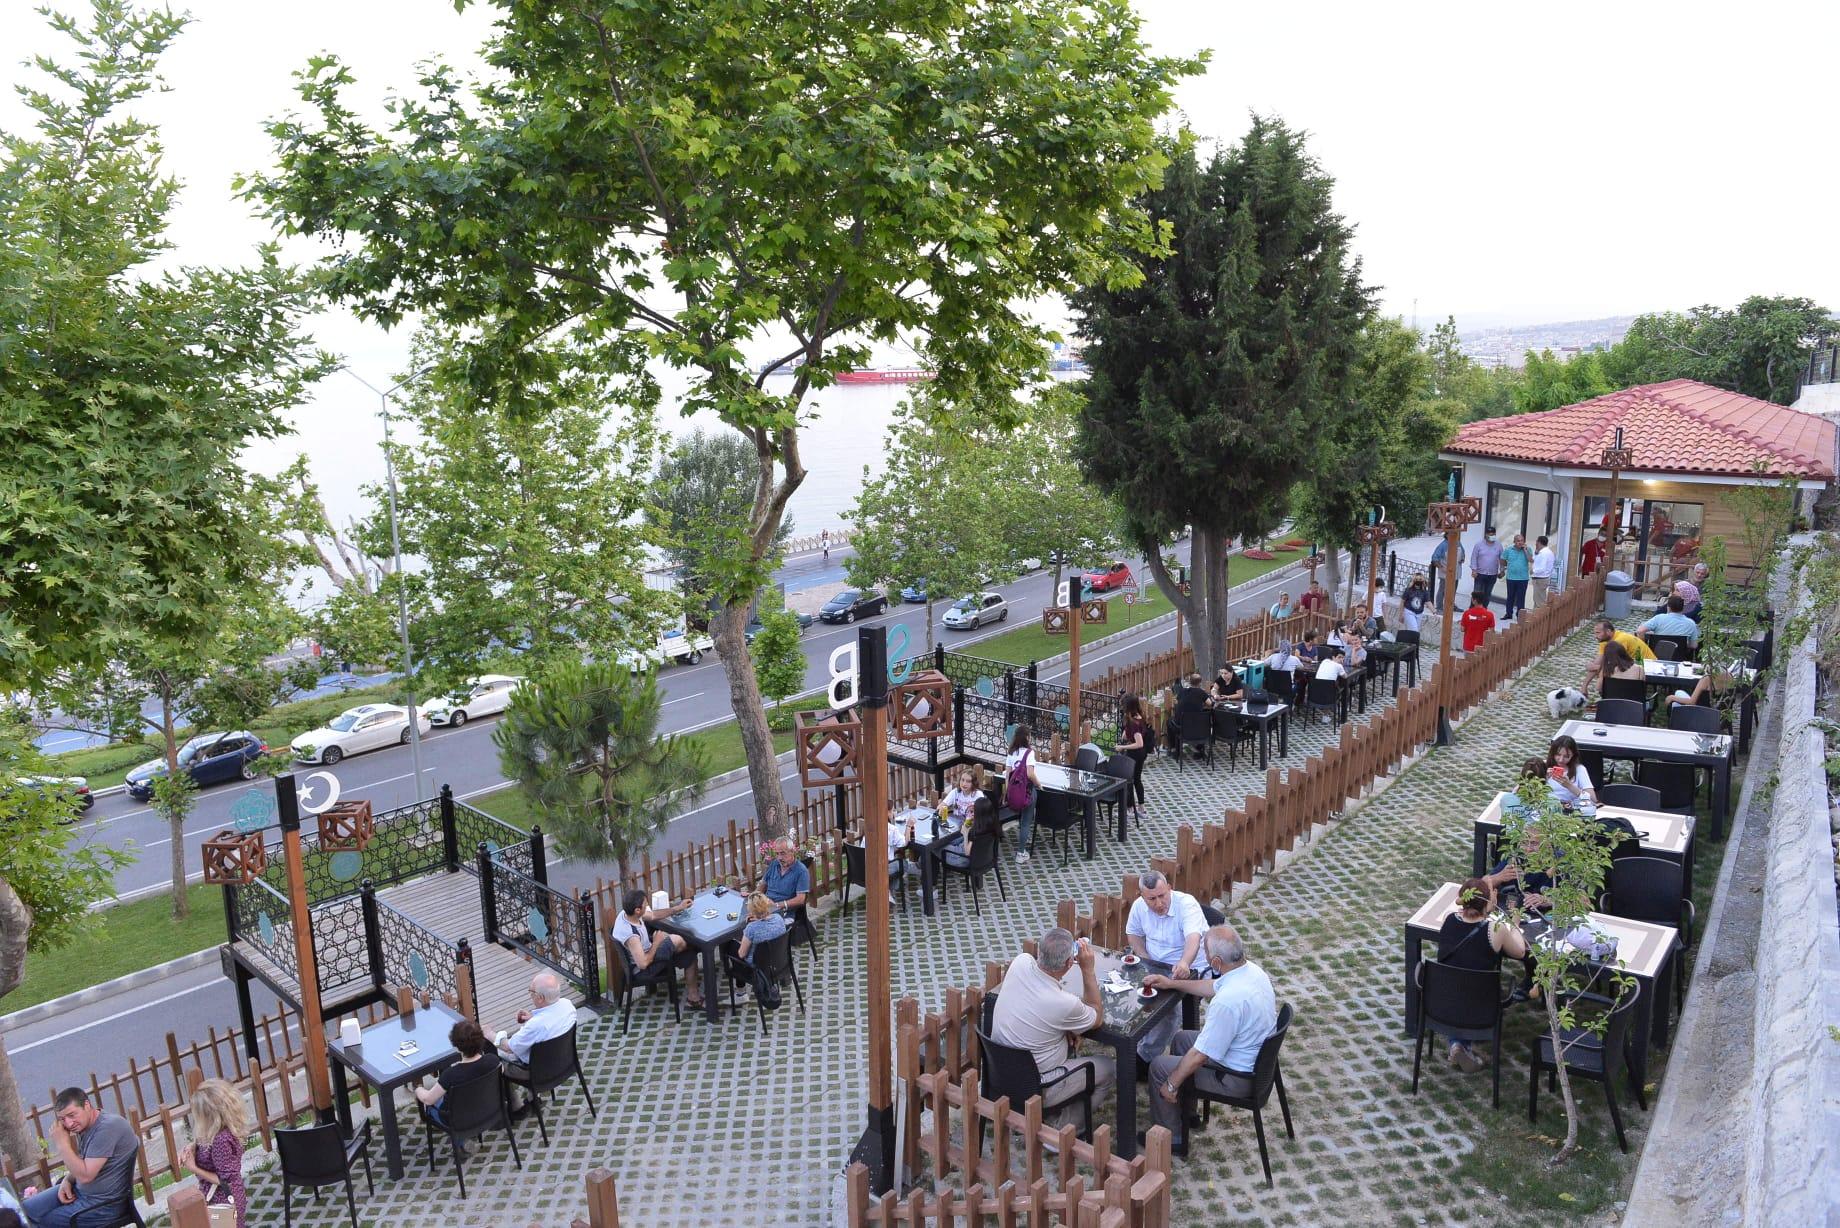 Atatürk Tuna Boyu Seyir Parkı misafirlerini ağırlamaya başladı